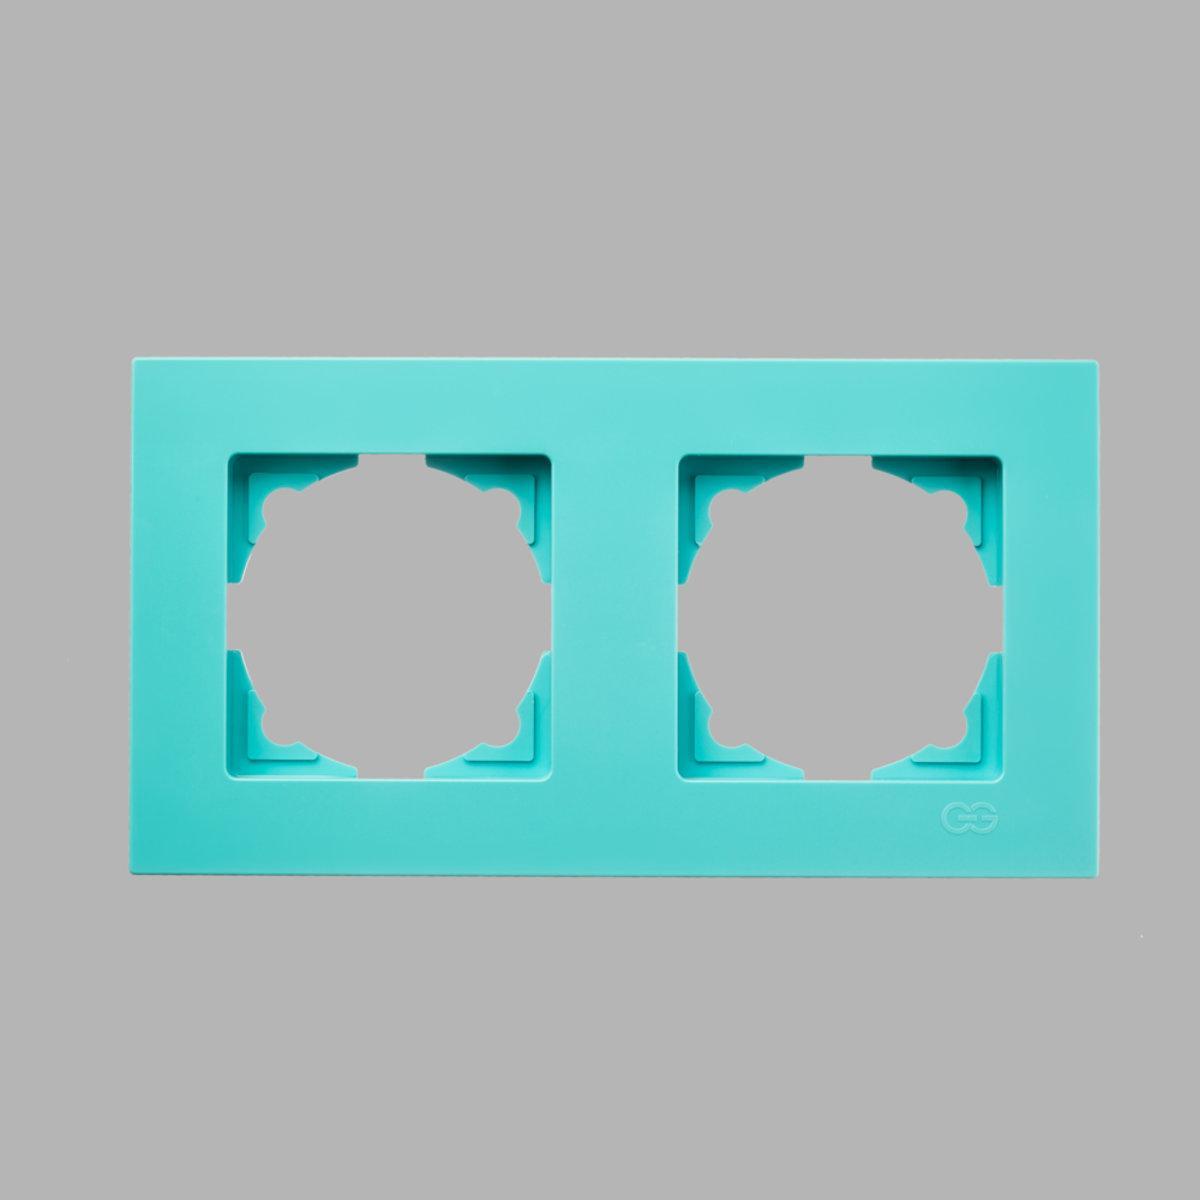 Eqona рамка 2-ая бирюзовая